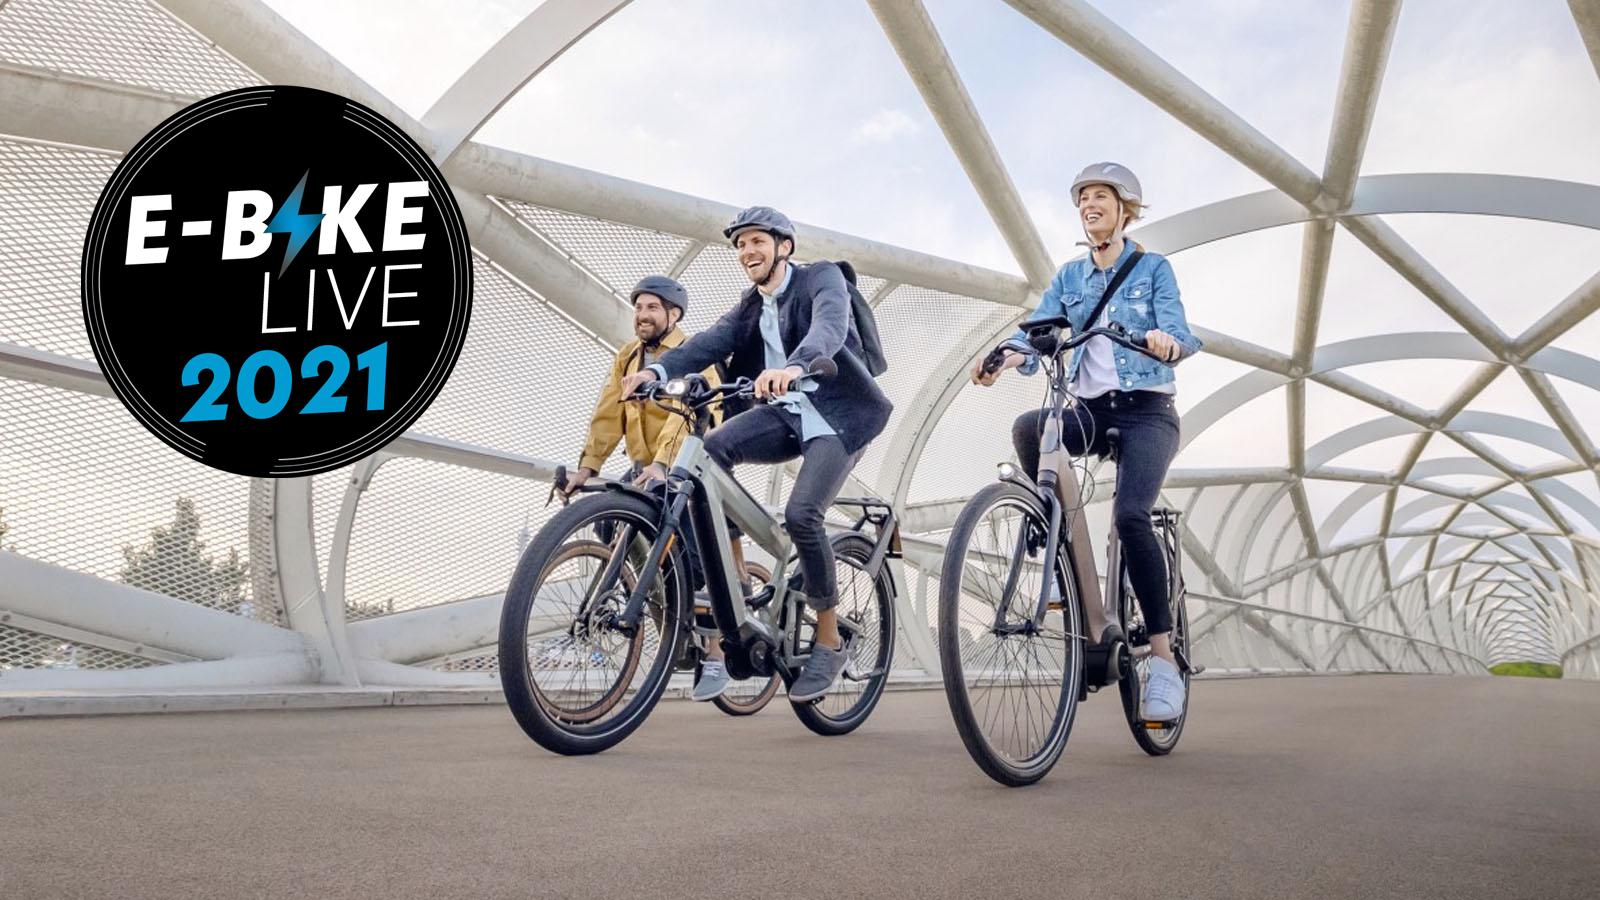 E-Bike Live: Ein fünftägiger tiefer Einblick in E-Bikes